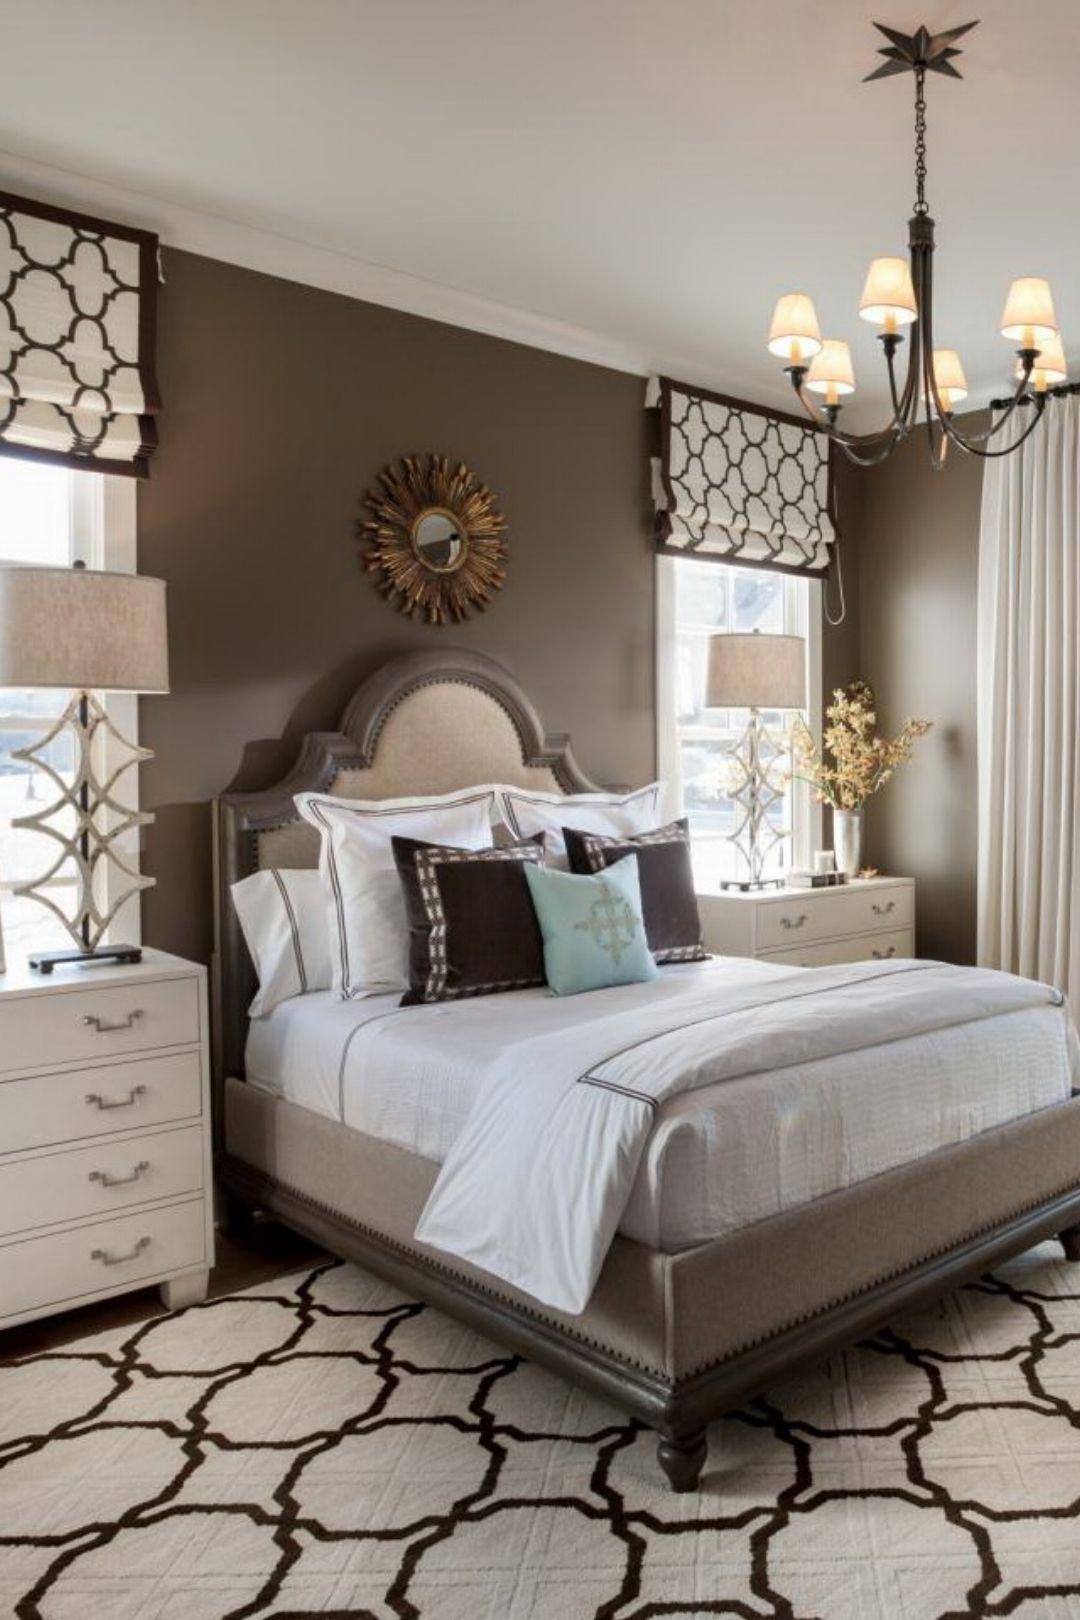 Master bedroom 2018 trends  newest trends in bedrooms sets bed bedding bedroomdesign